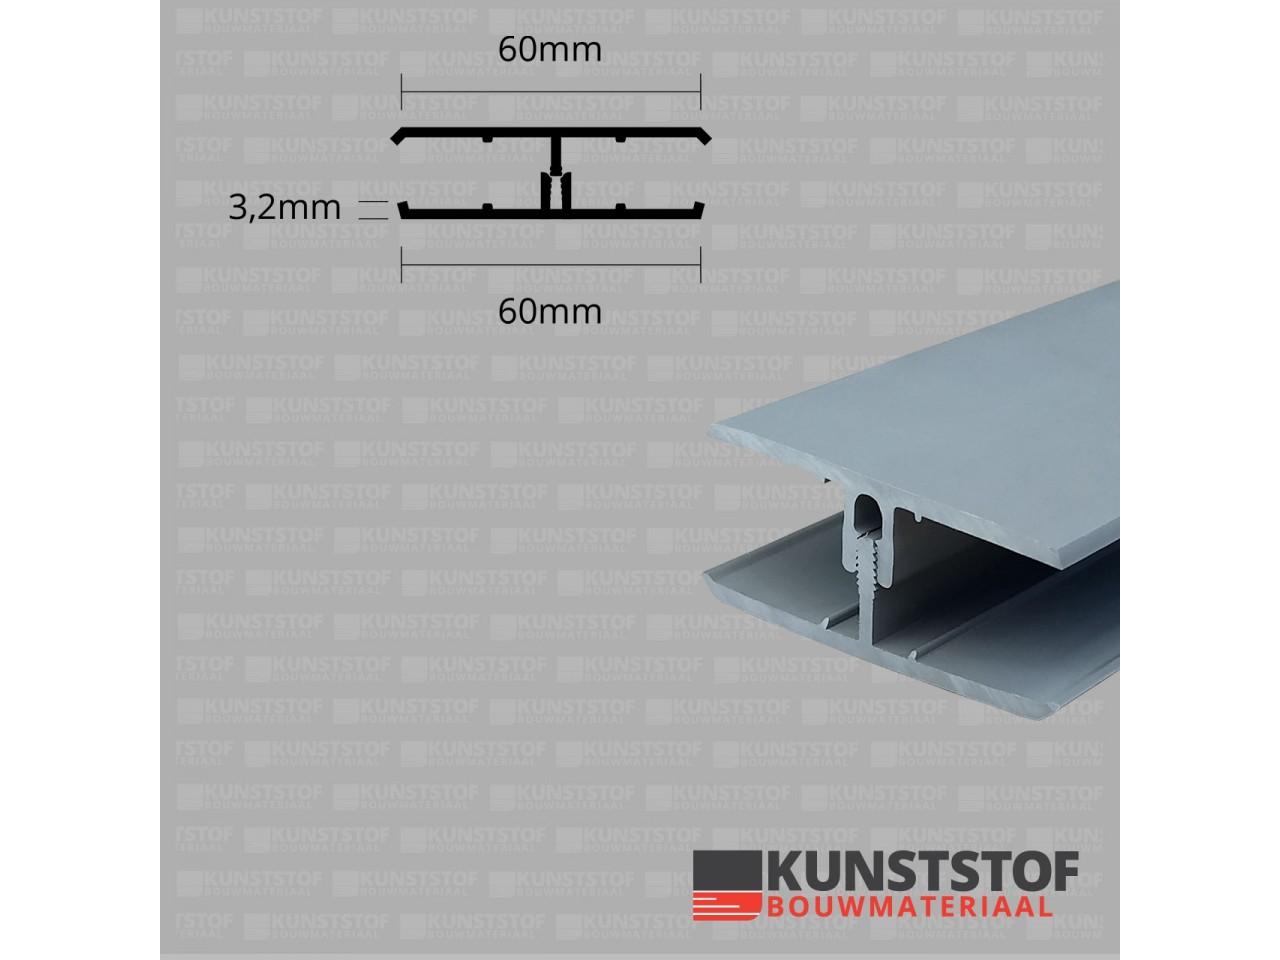 Eurotexx Dubbel Rabat - potdeksel 50mm verbindingsprofiel 2 delig kunststof gevelbekleding profiel in de kleur grijs ral 7001